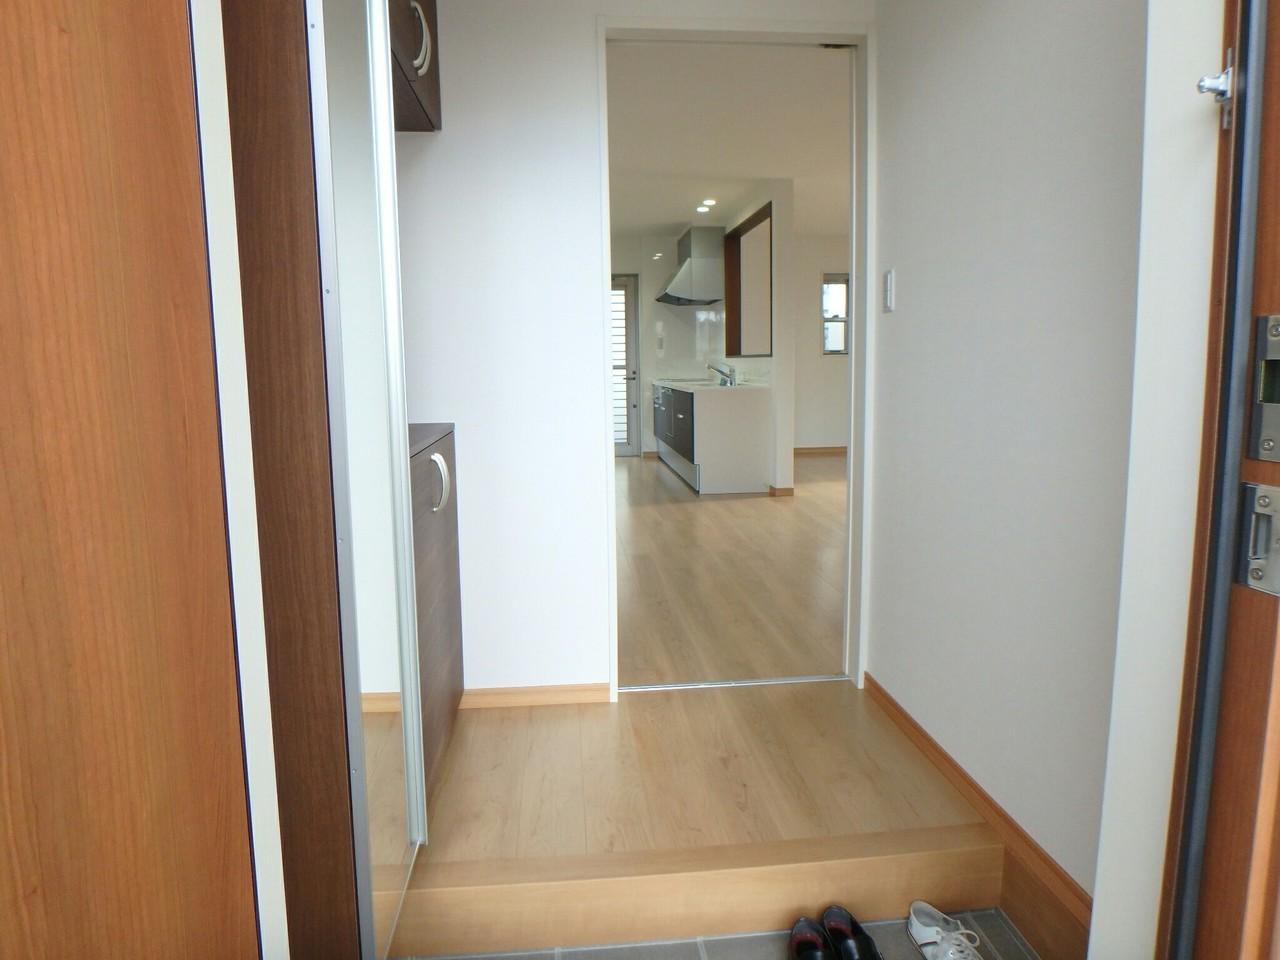 玄関ドアは防犯性の高いディンプルキーです。玄関には全身鏡が設置してあり、お出掛けの時の服装チェックなどに便利です♪